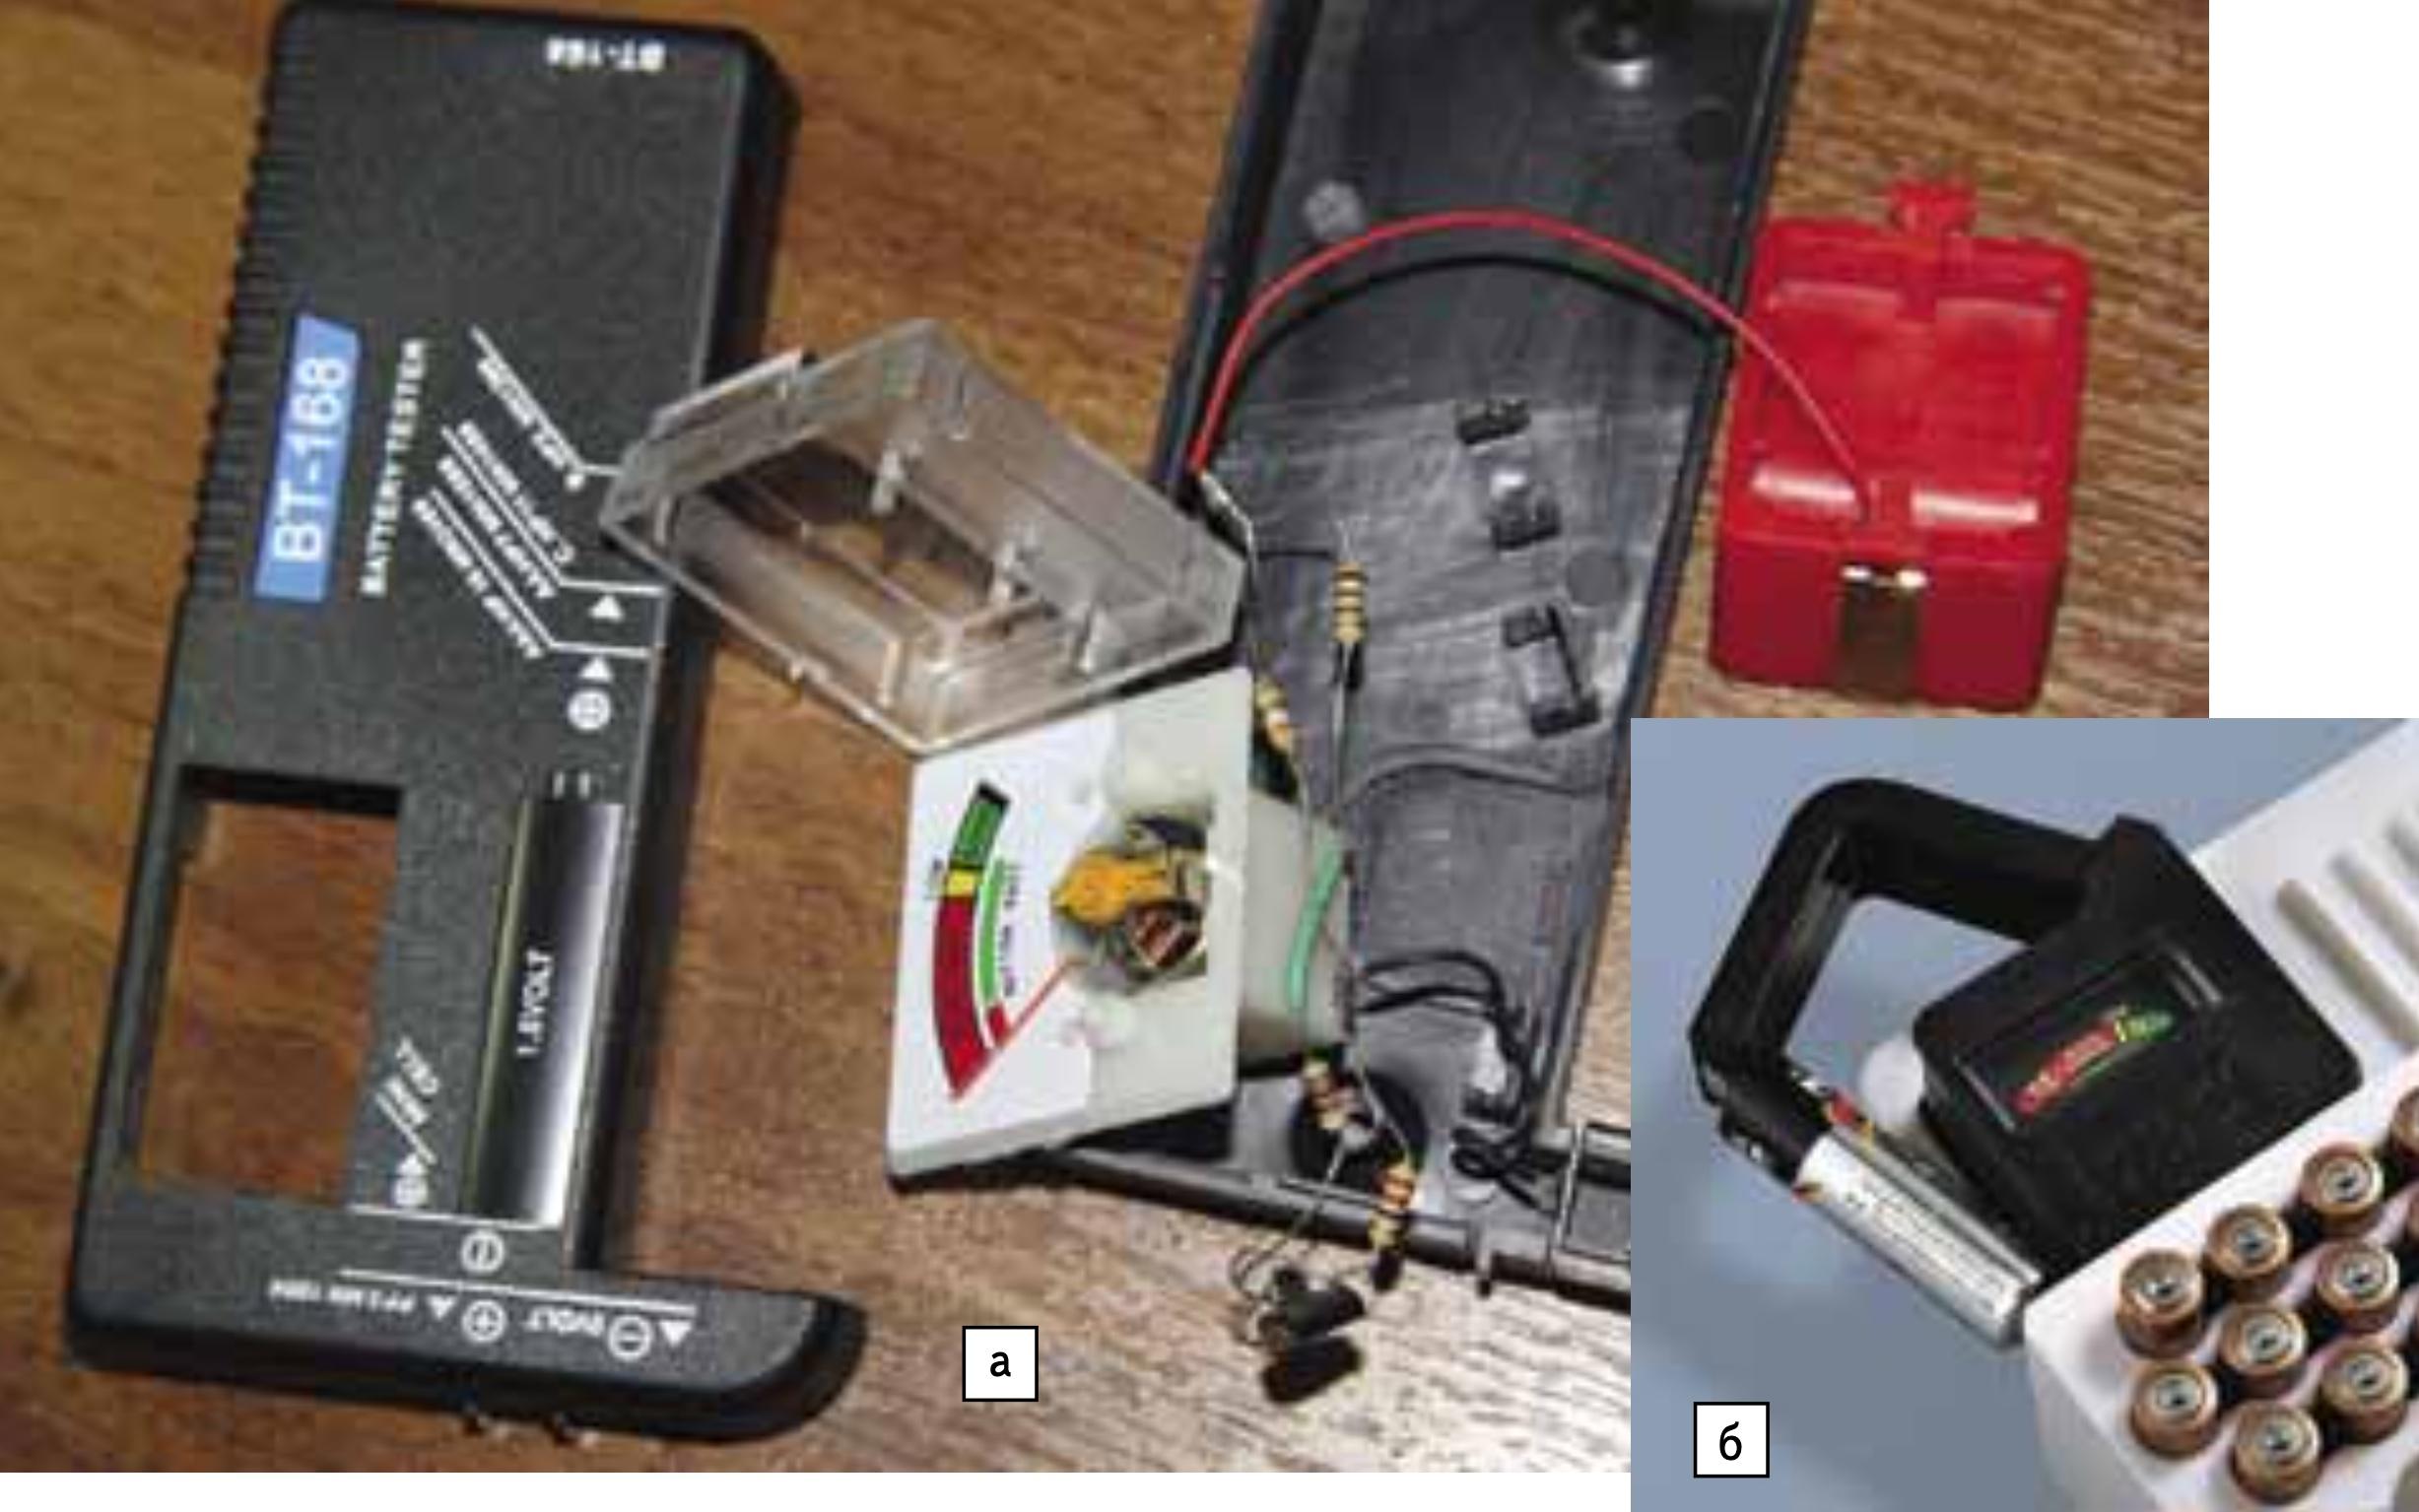 Примеры тестеров для поверки батарей